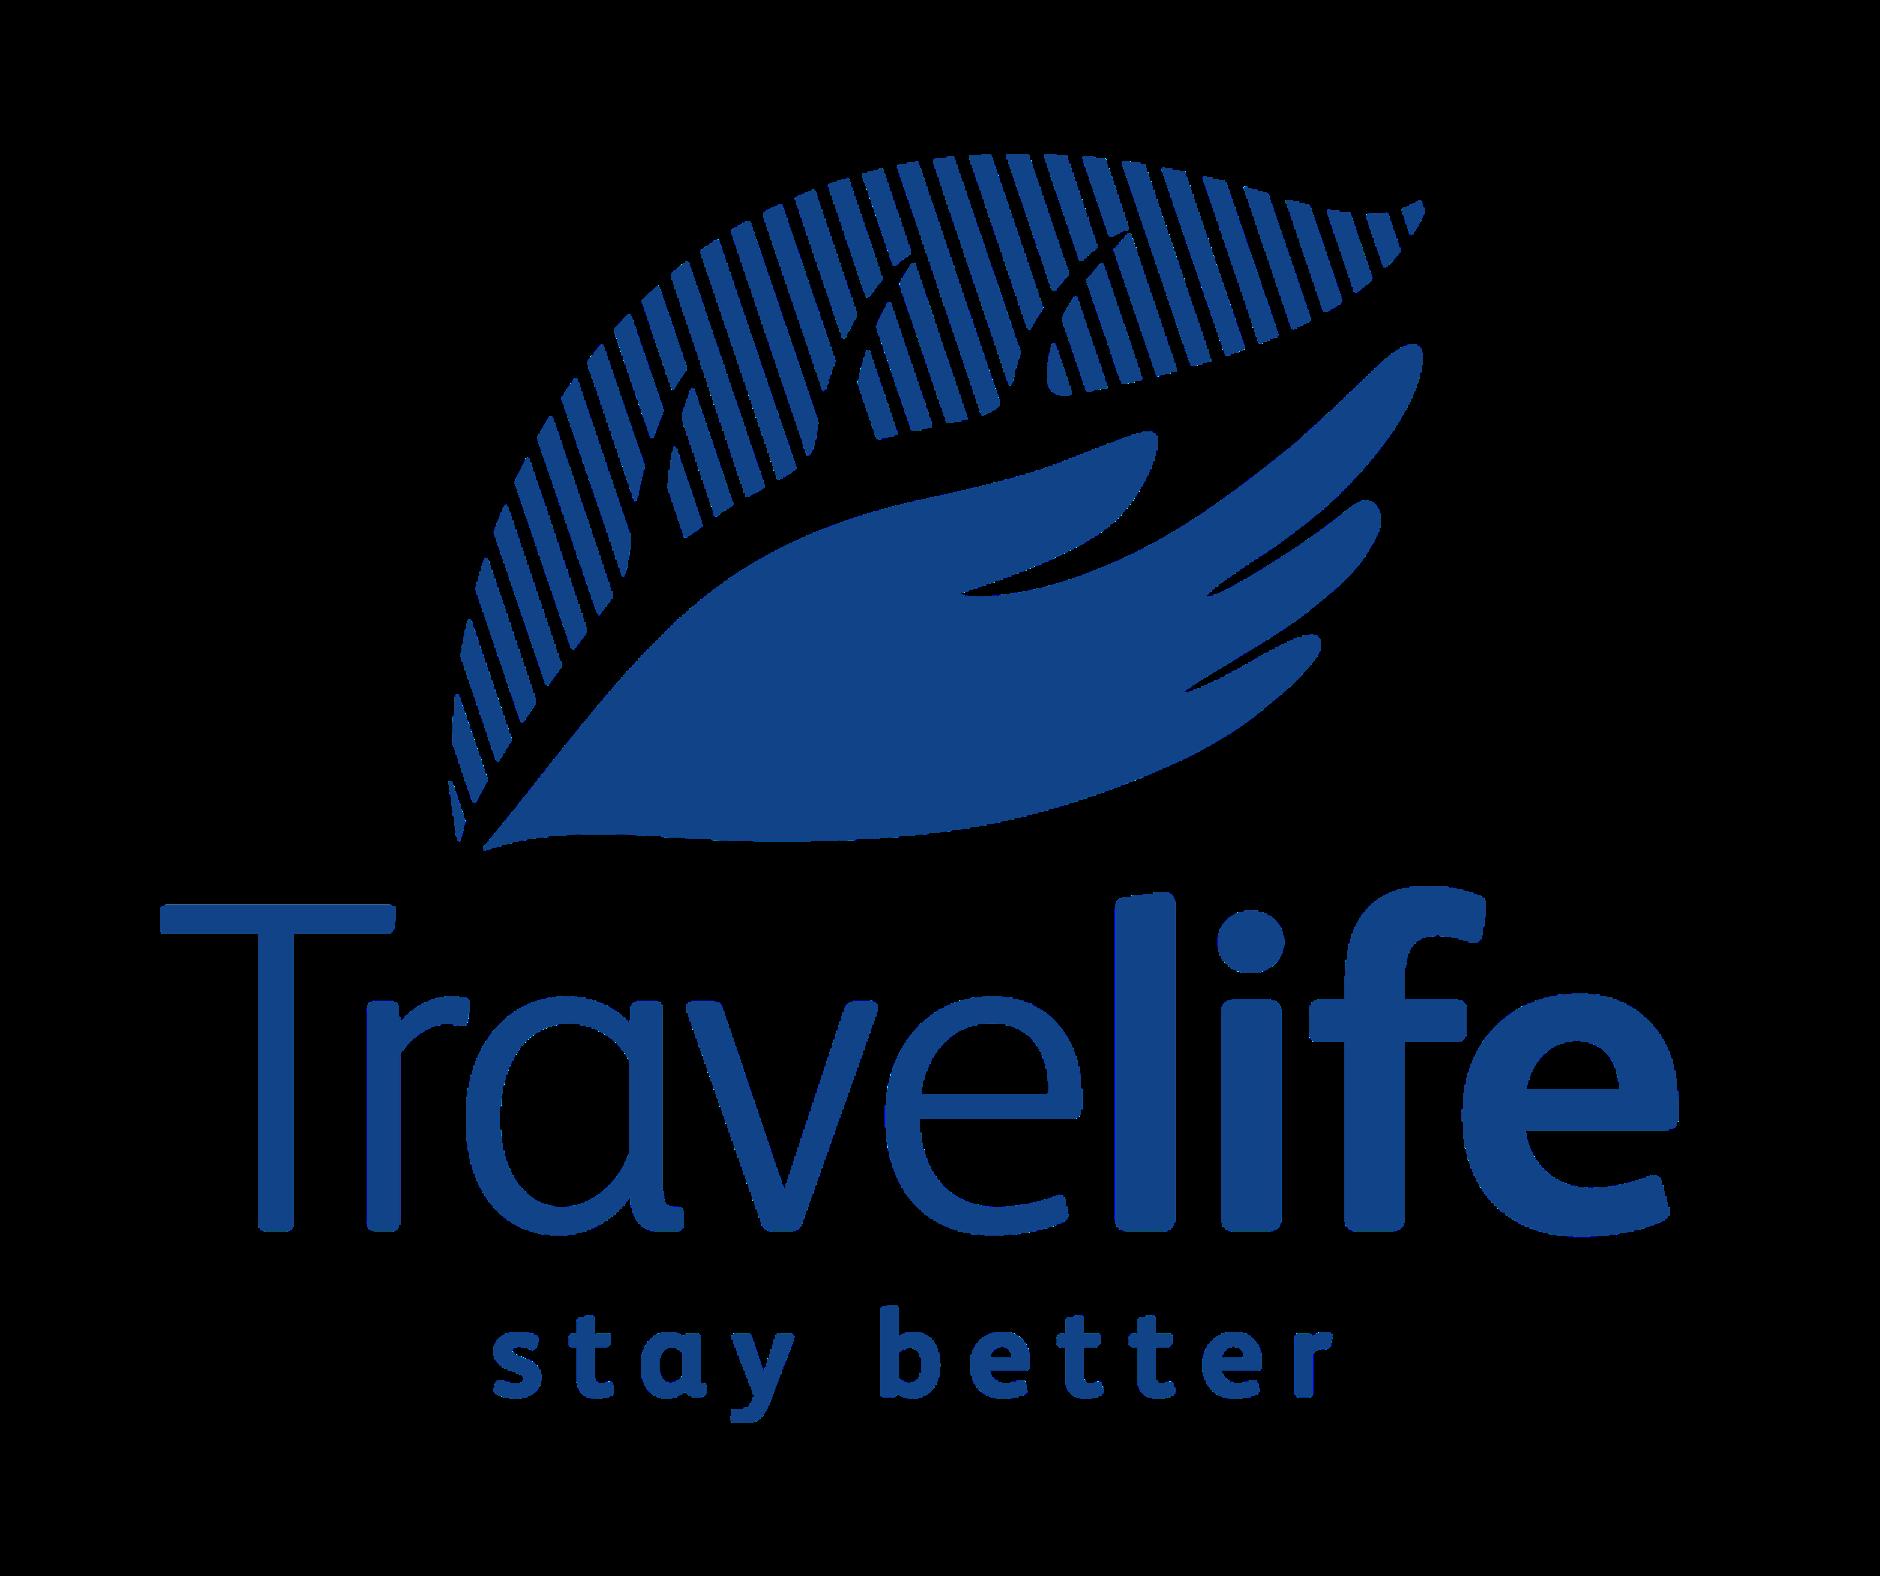 travelifegloedlogo